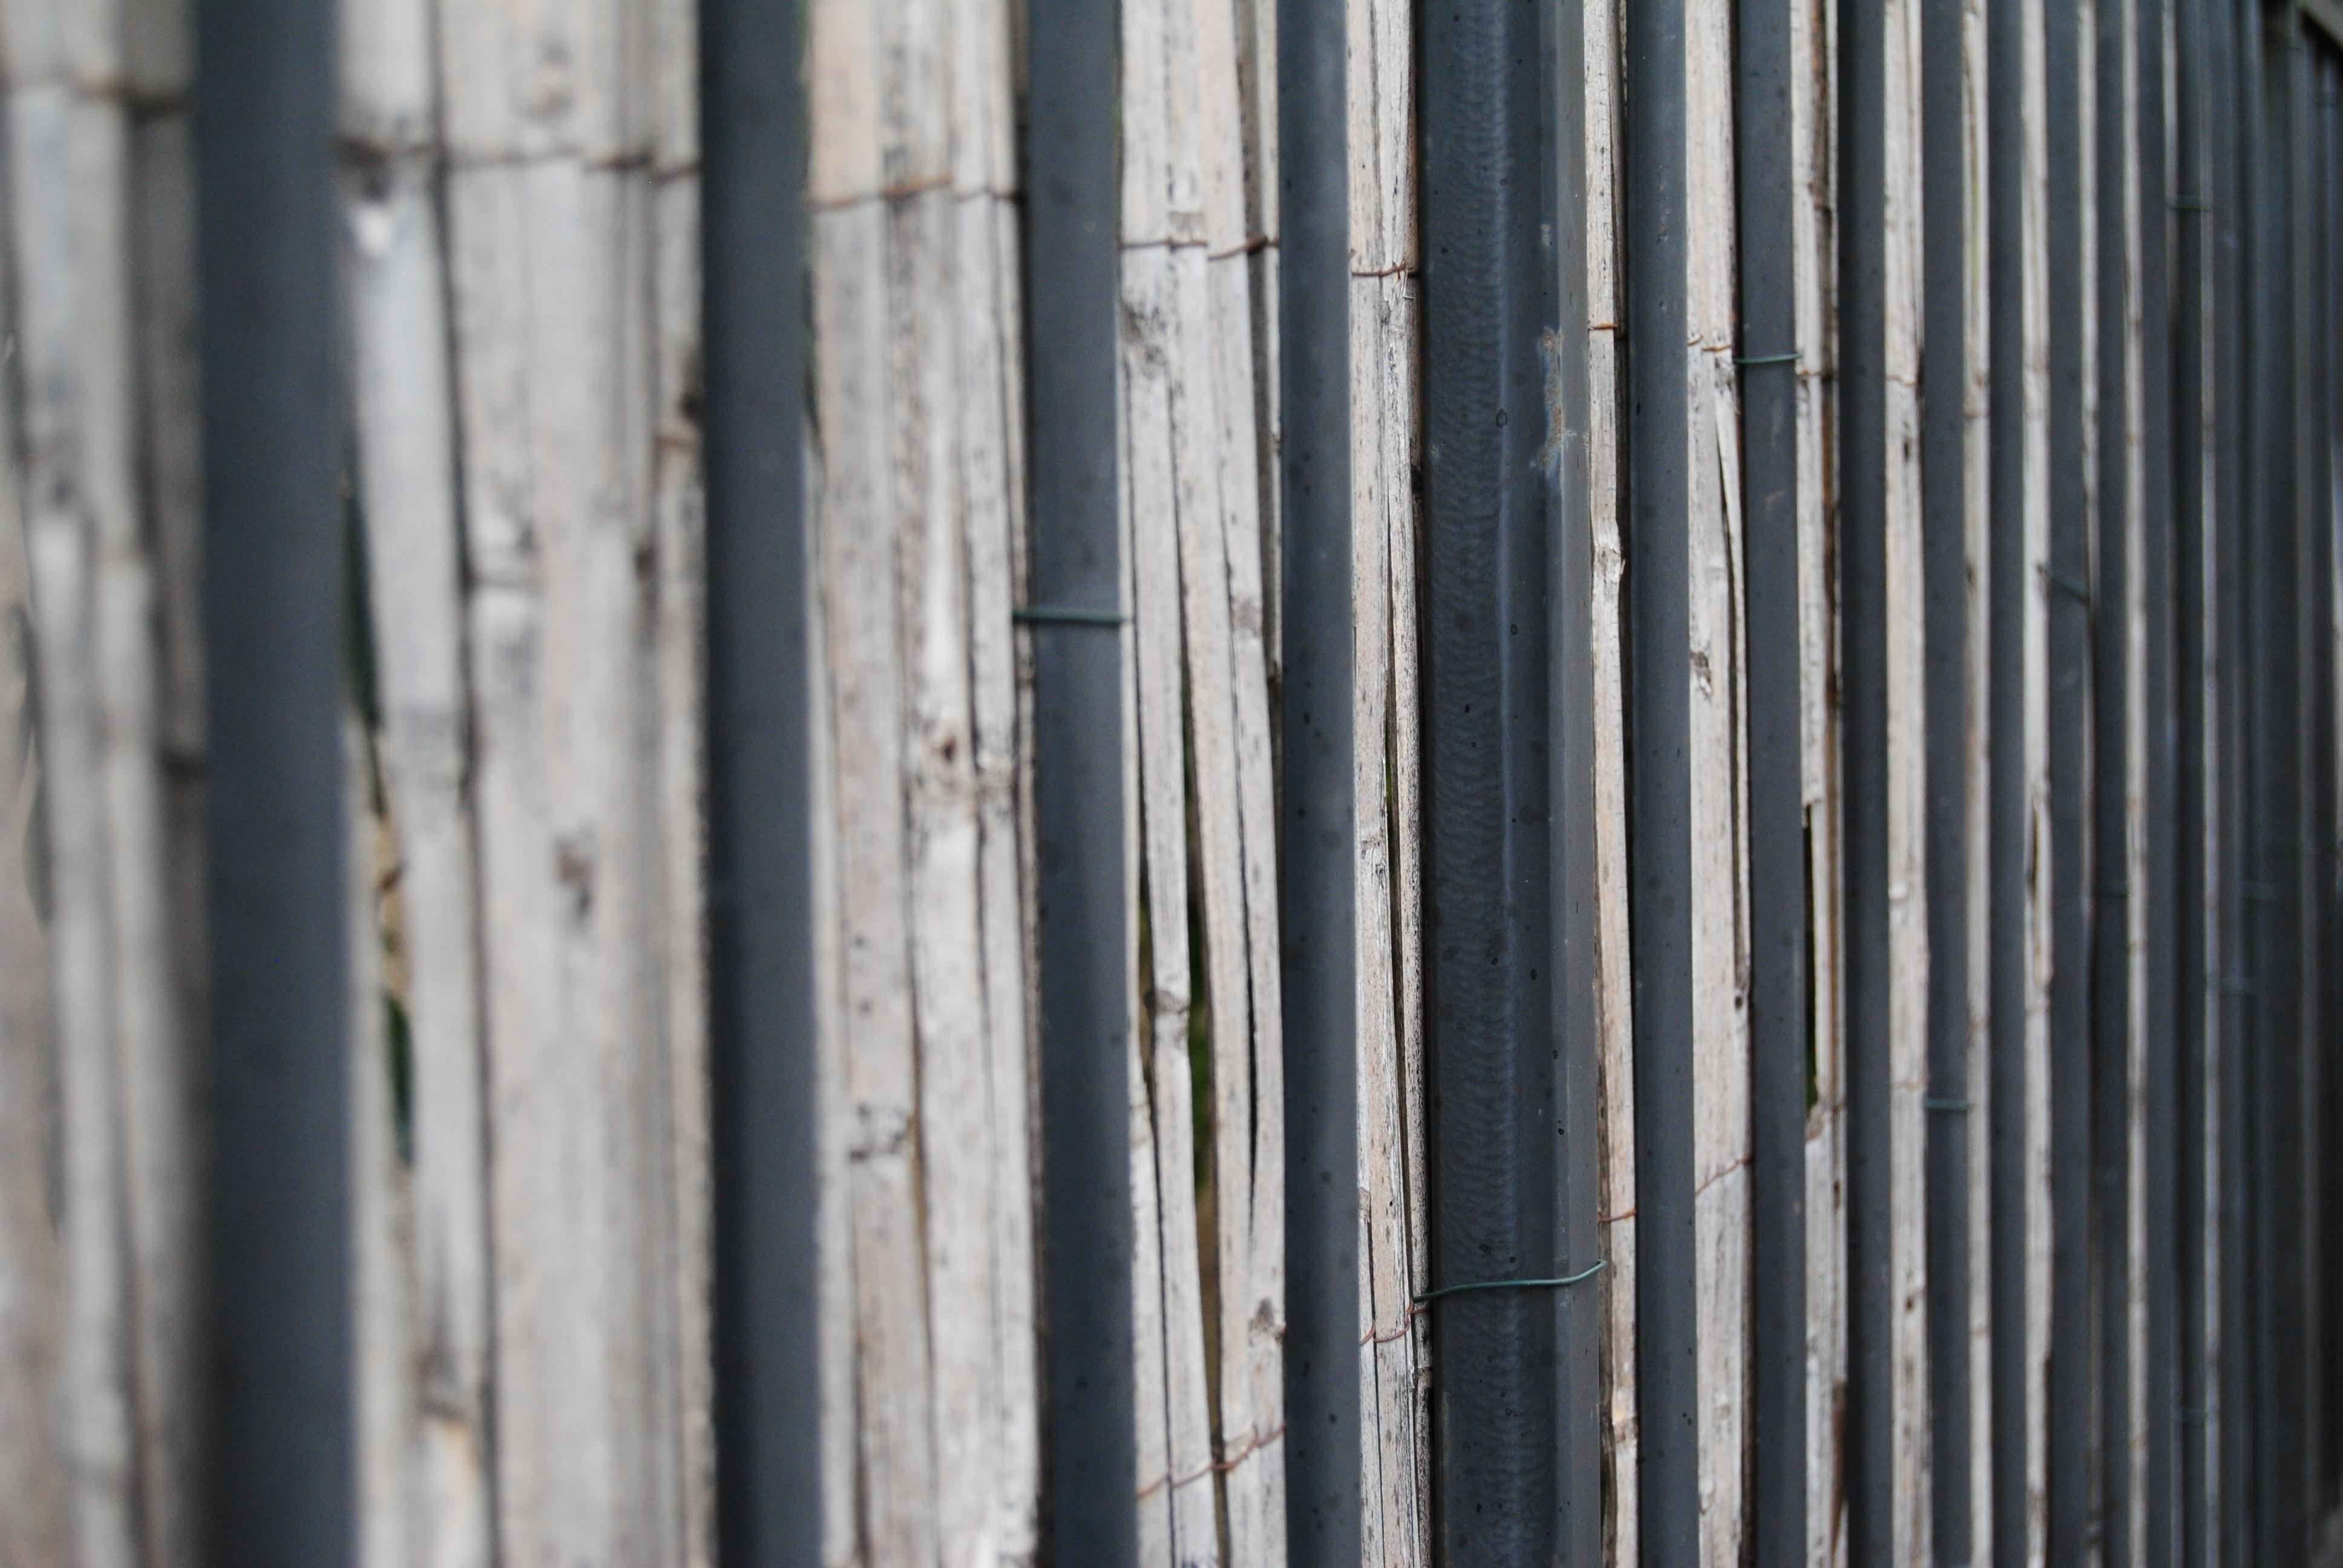 Zaun Die Architektur Holz Textur Fenster Mauer Dekoration Muster Linie  Rahmen Fassade Rau Dekor Modern Innenarchitektur